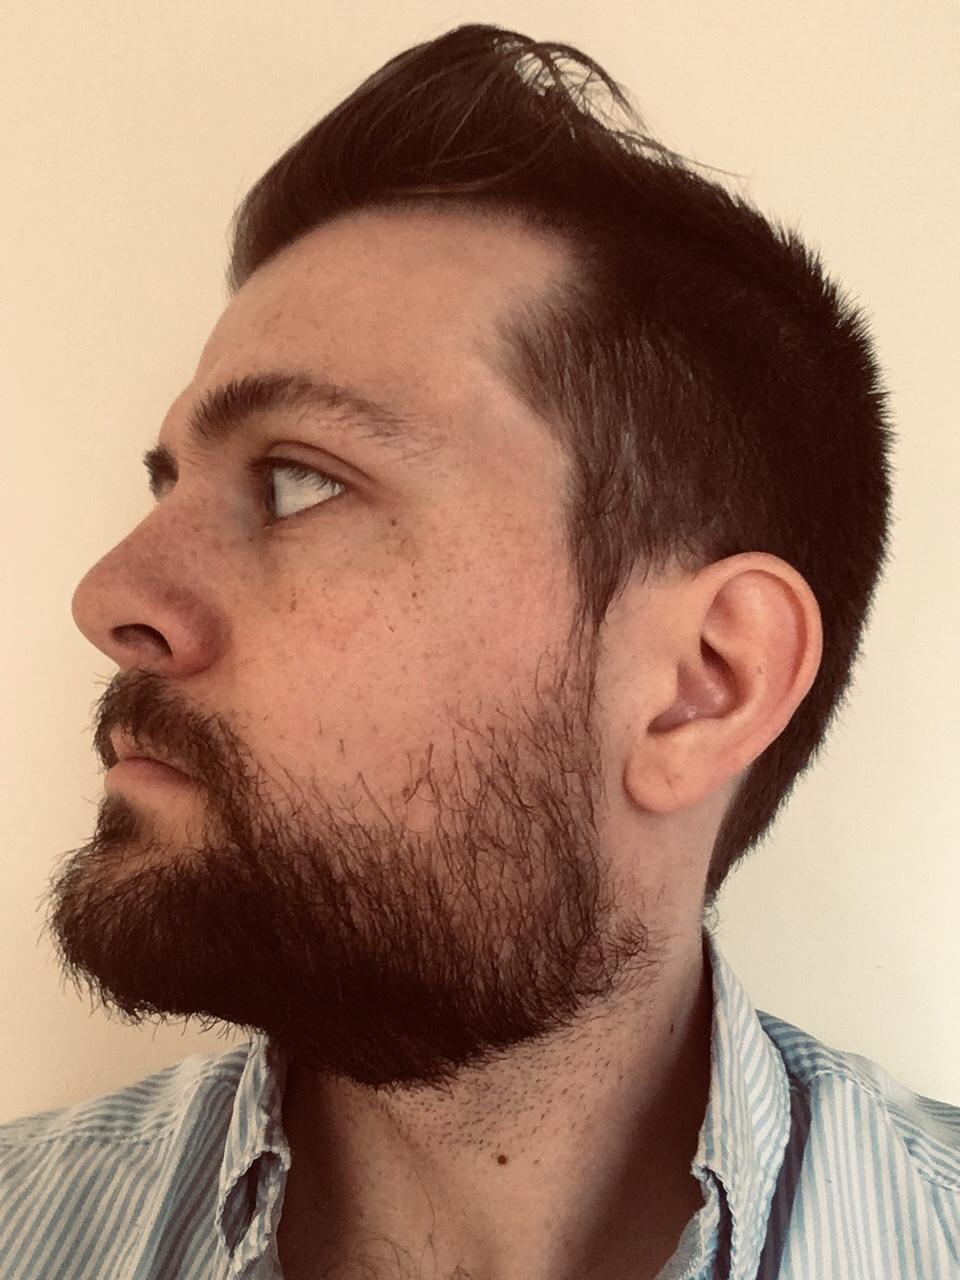 28 y/o - 15 Week Journey [ 10 Week Update ] - Page 5 - Beard Board